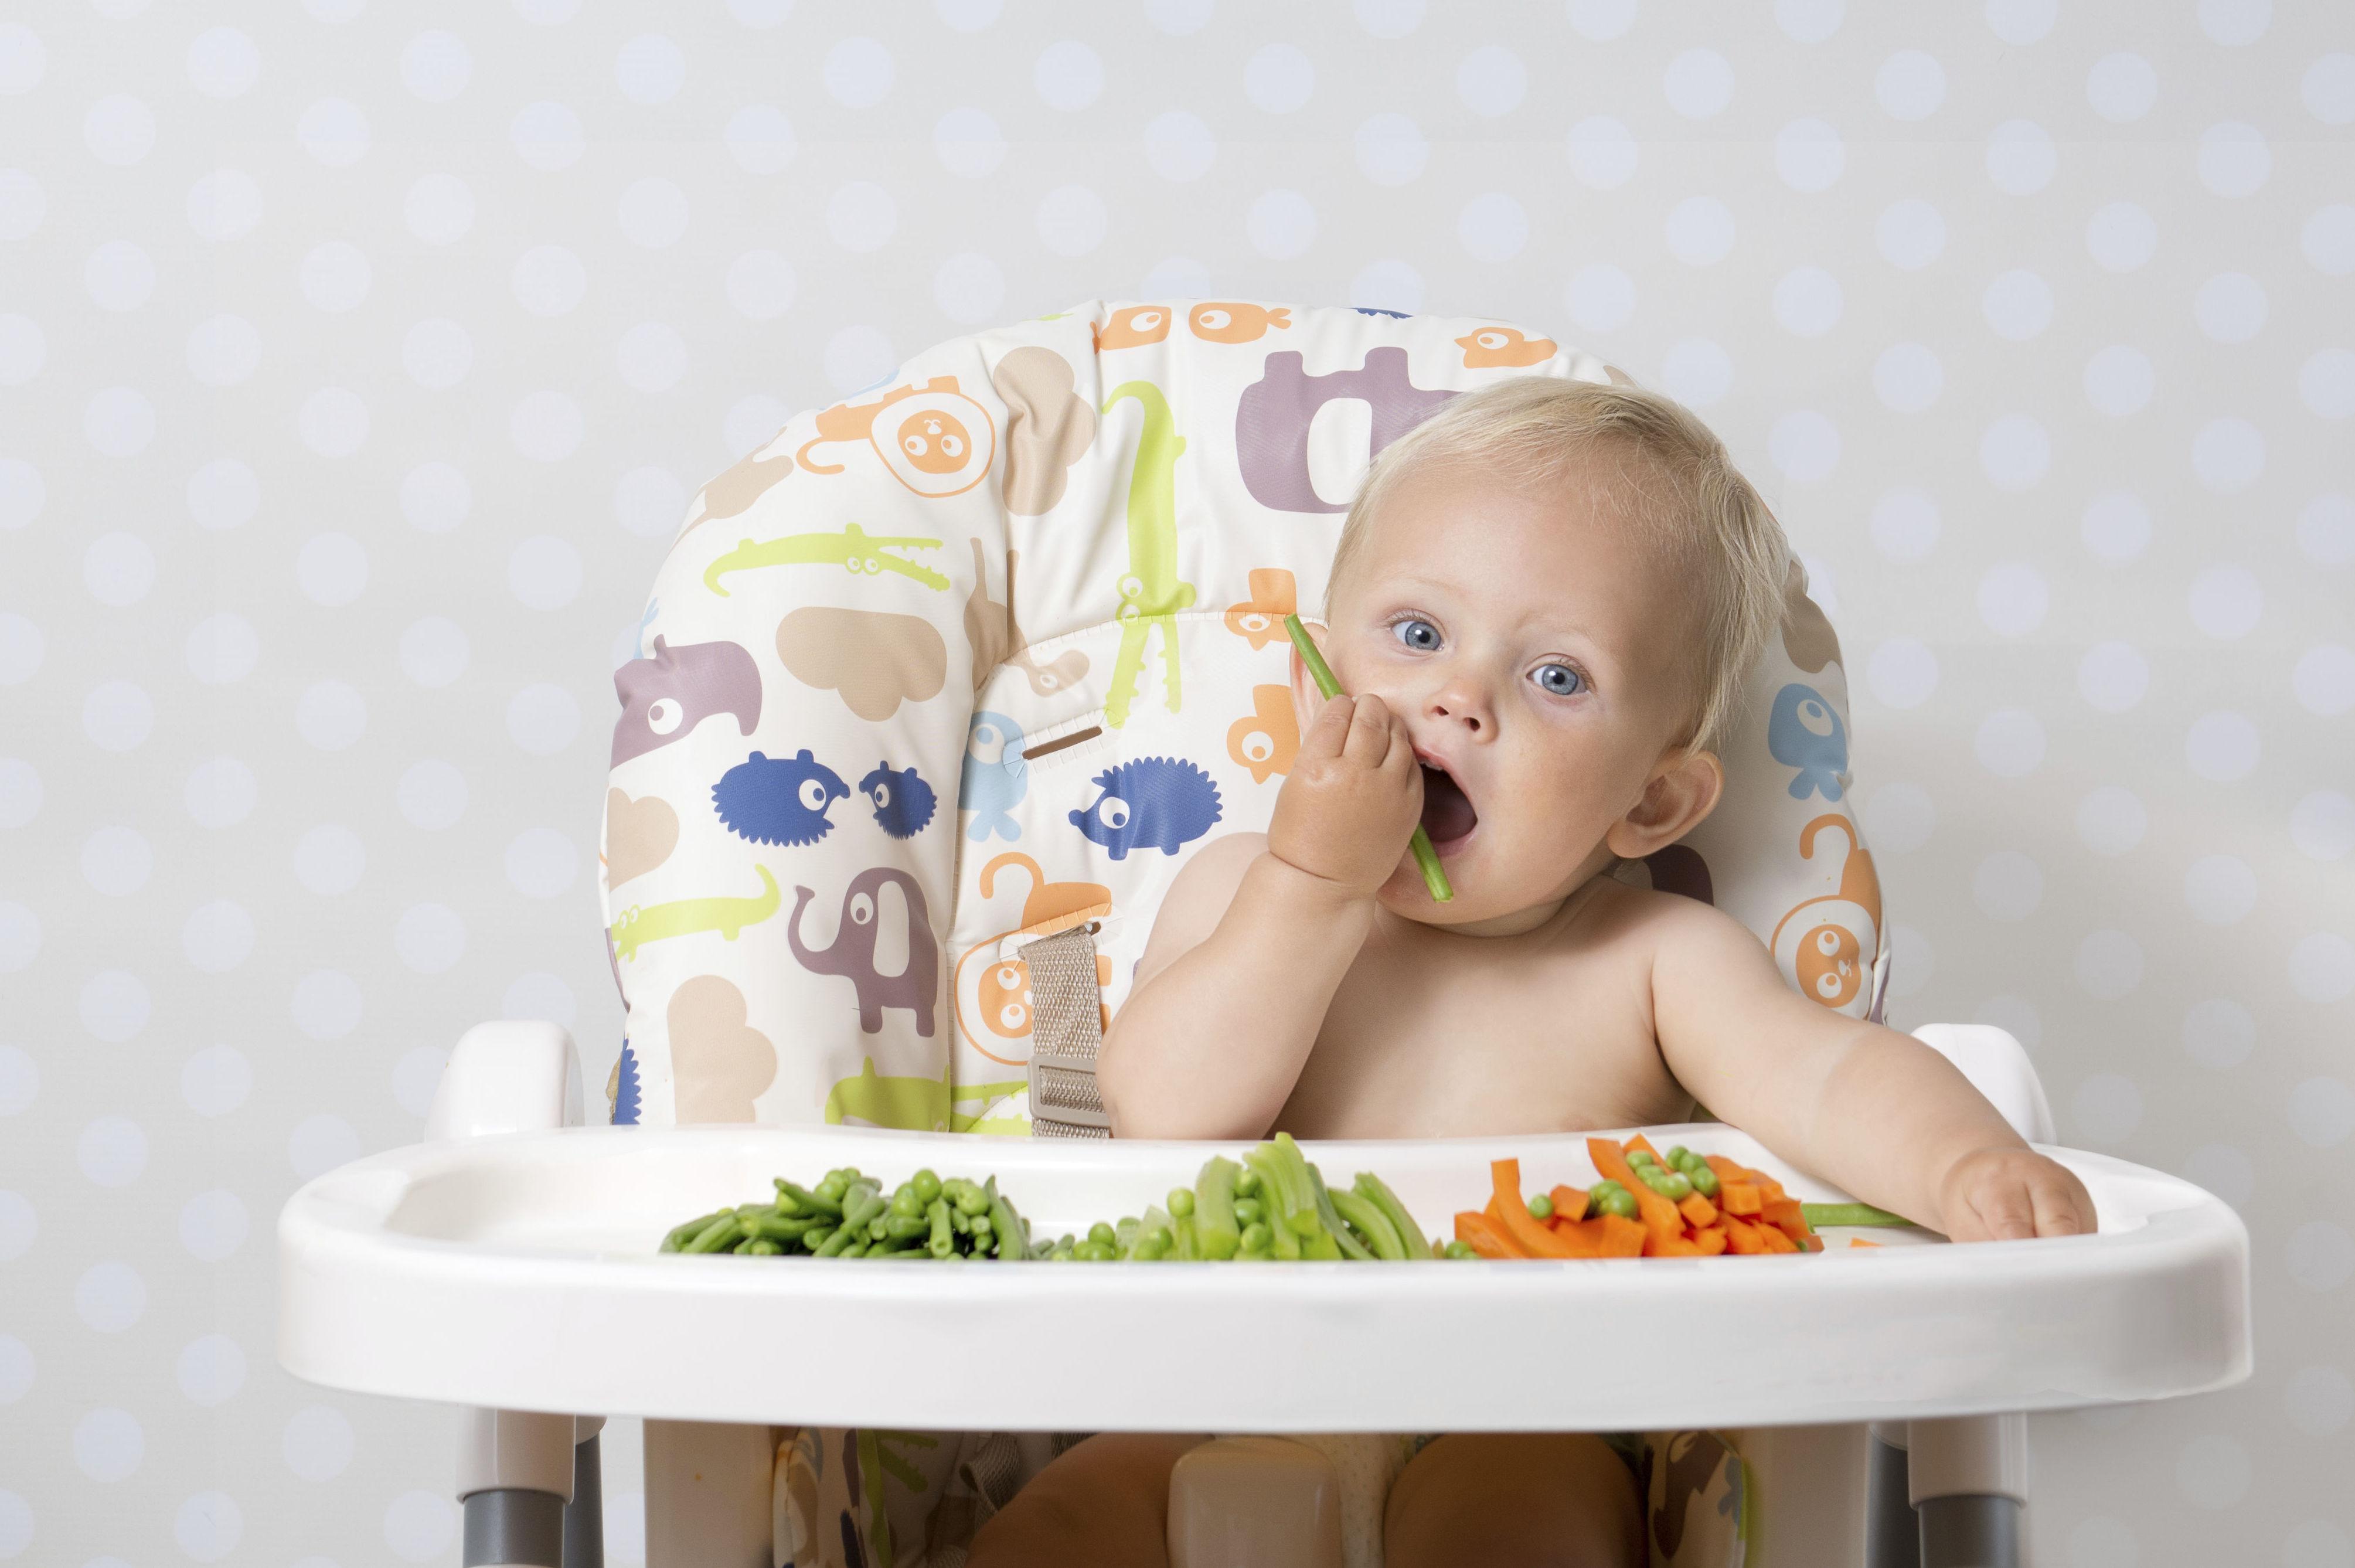 Guía del desarrollo infantil desde el nacimiento hasta los 6 años - See more at: http://www.autismom